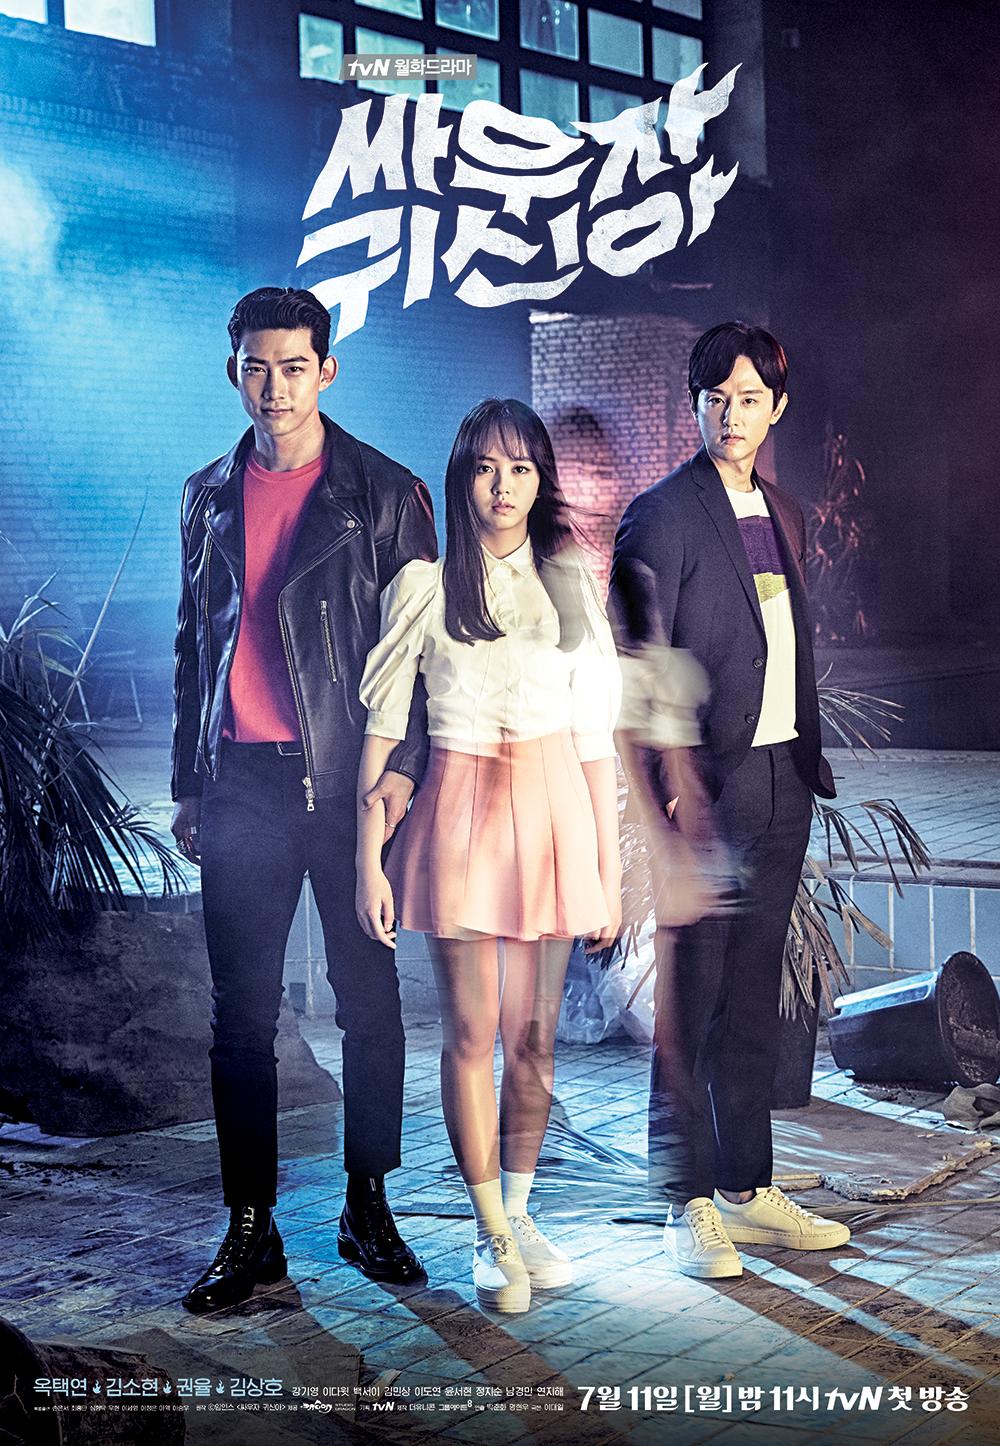 每到夏天就是韓國讓人背後涼颼颼的「納涼特輯」和鬼怪相關的劇集出動的日子! 像是「九尾狐」相關劇集、前幾年很紅的劇集「主君的太陽」都是瞄準夏日出擊的代表作品